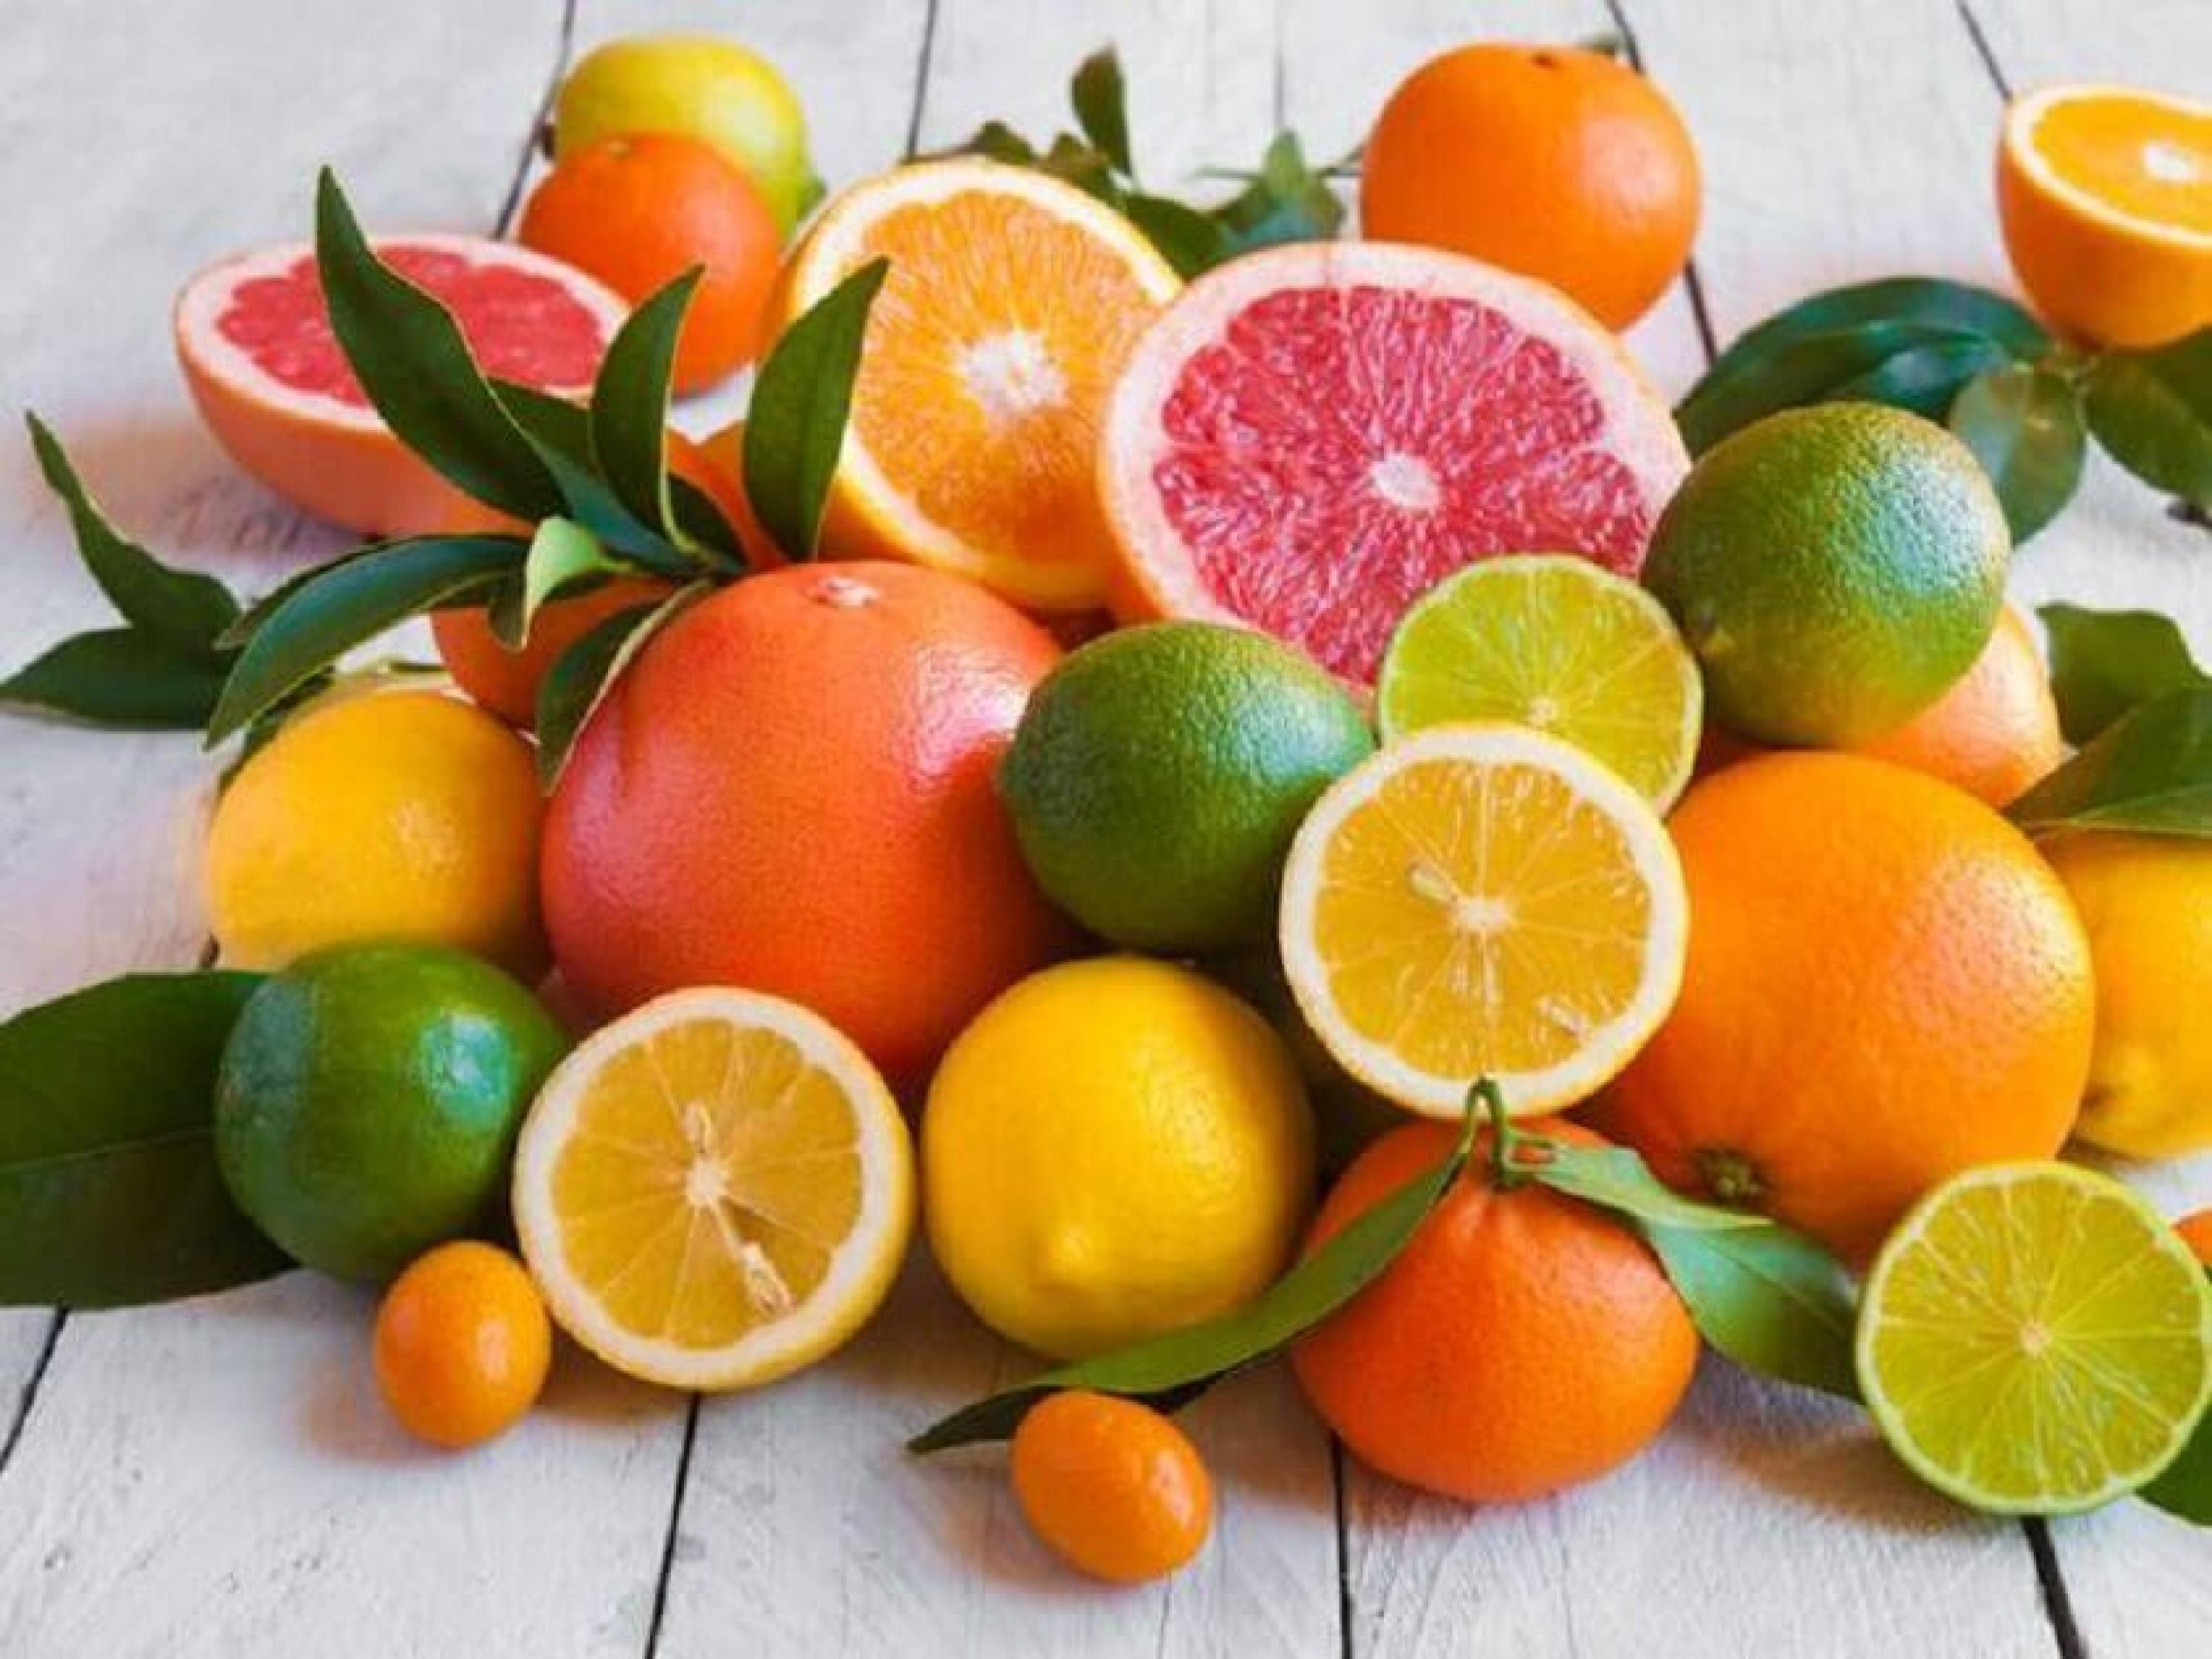 7 thực phẩm giúp chăm sóc da từ bên trong hiệu quả-4